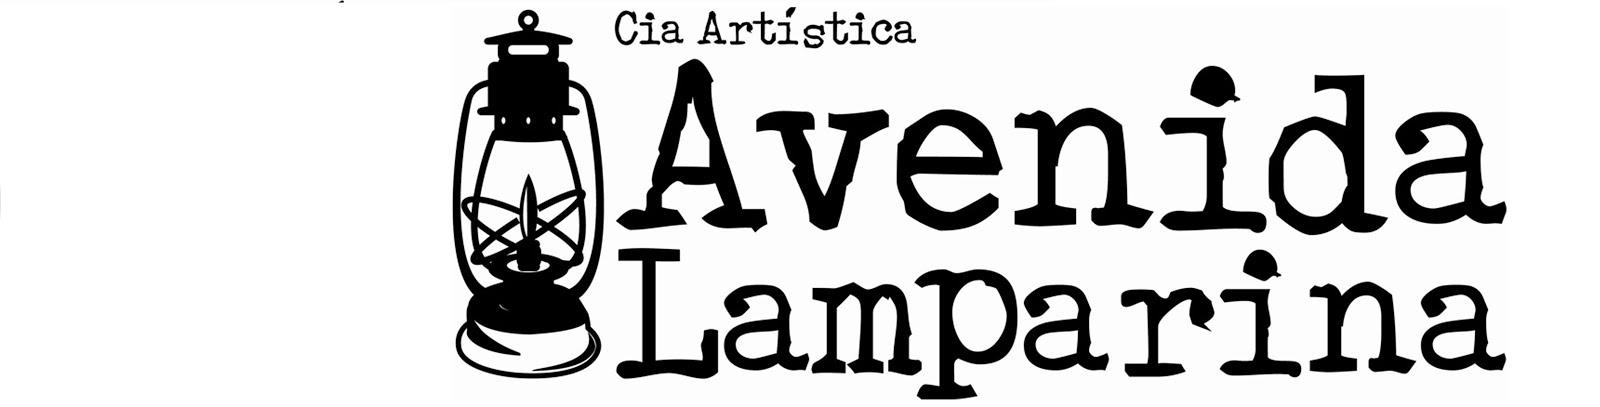 Cia. Artística Avenida Lamparina